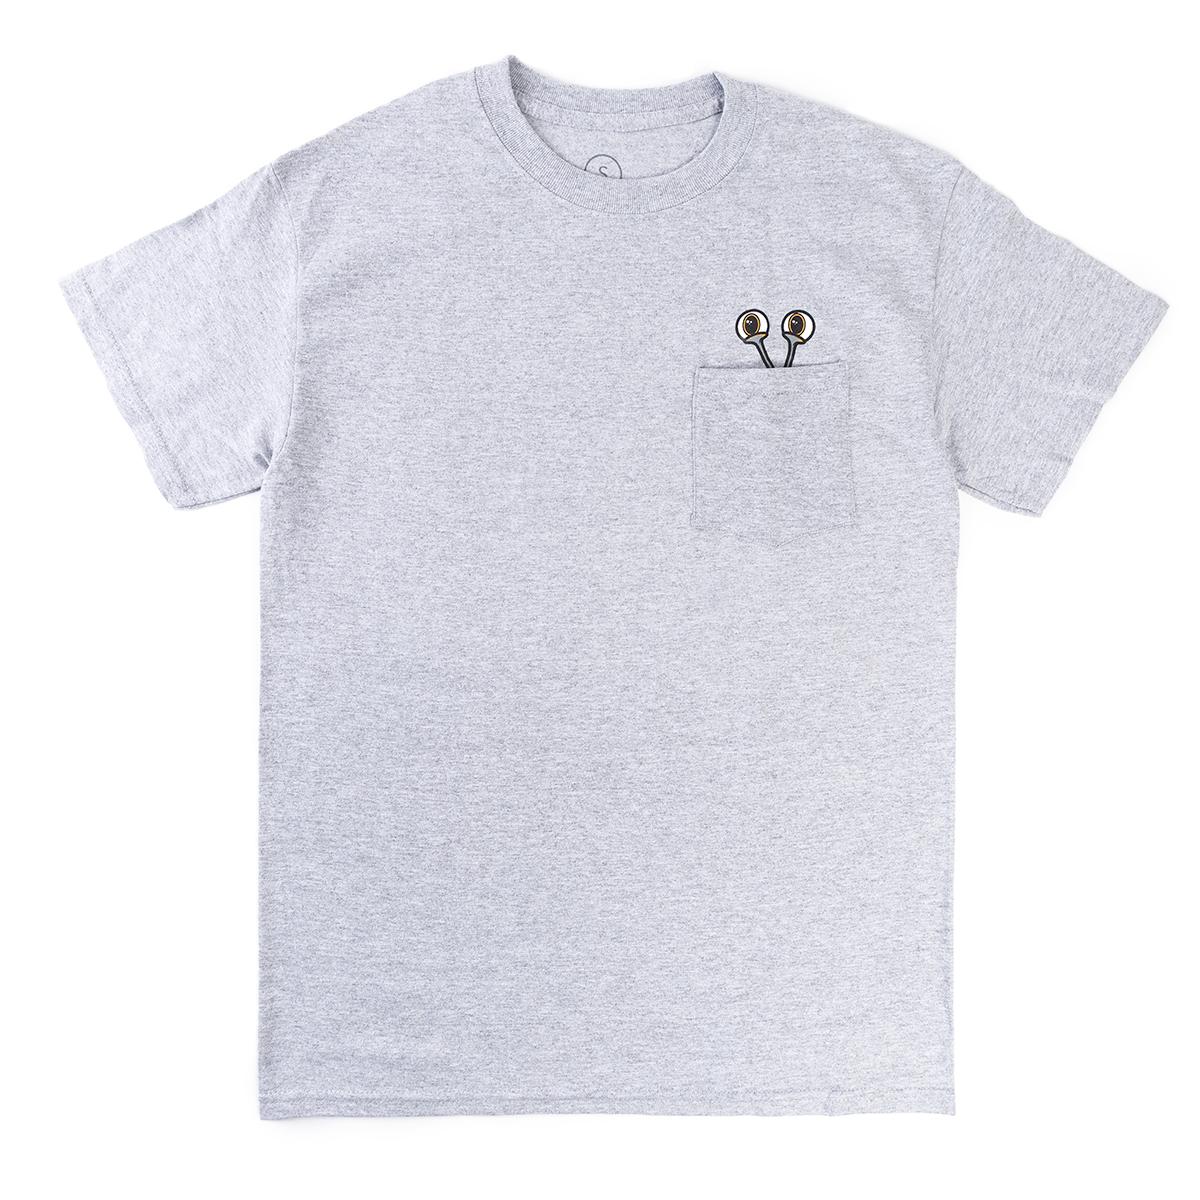 Pocket Slug T-shirt